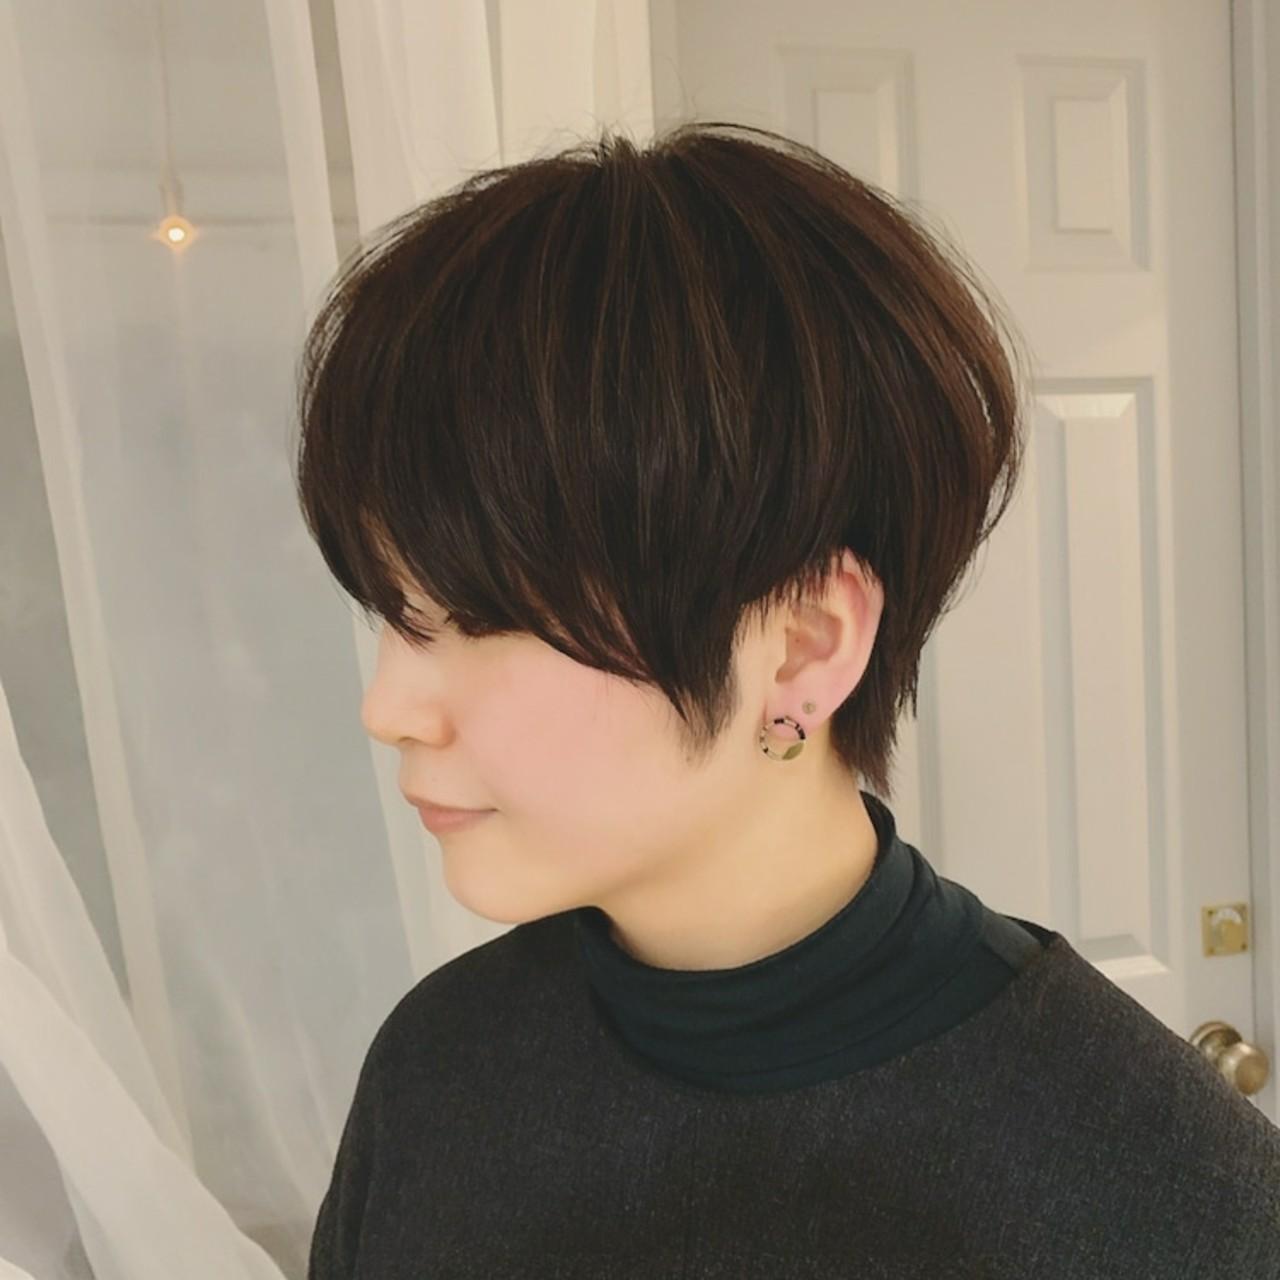 モード ショート 黒髪 ショートヘア ヘアスタイルや髪型の写真・画像 | 浦川由起江 / nanon